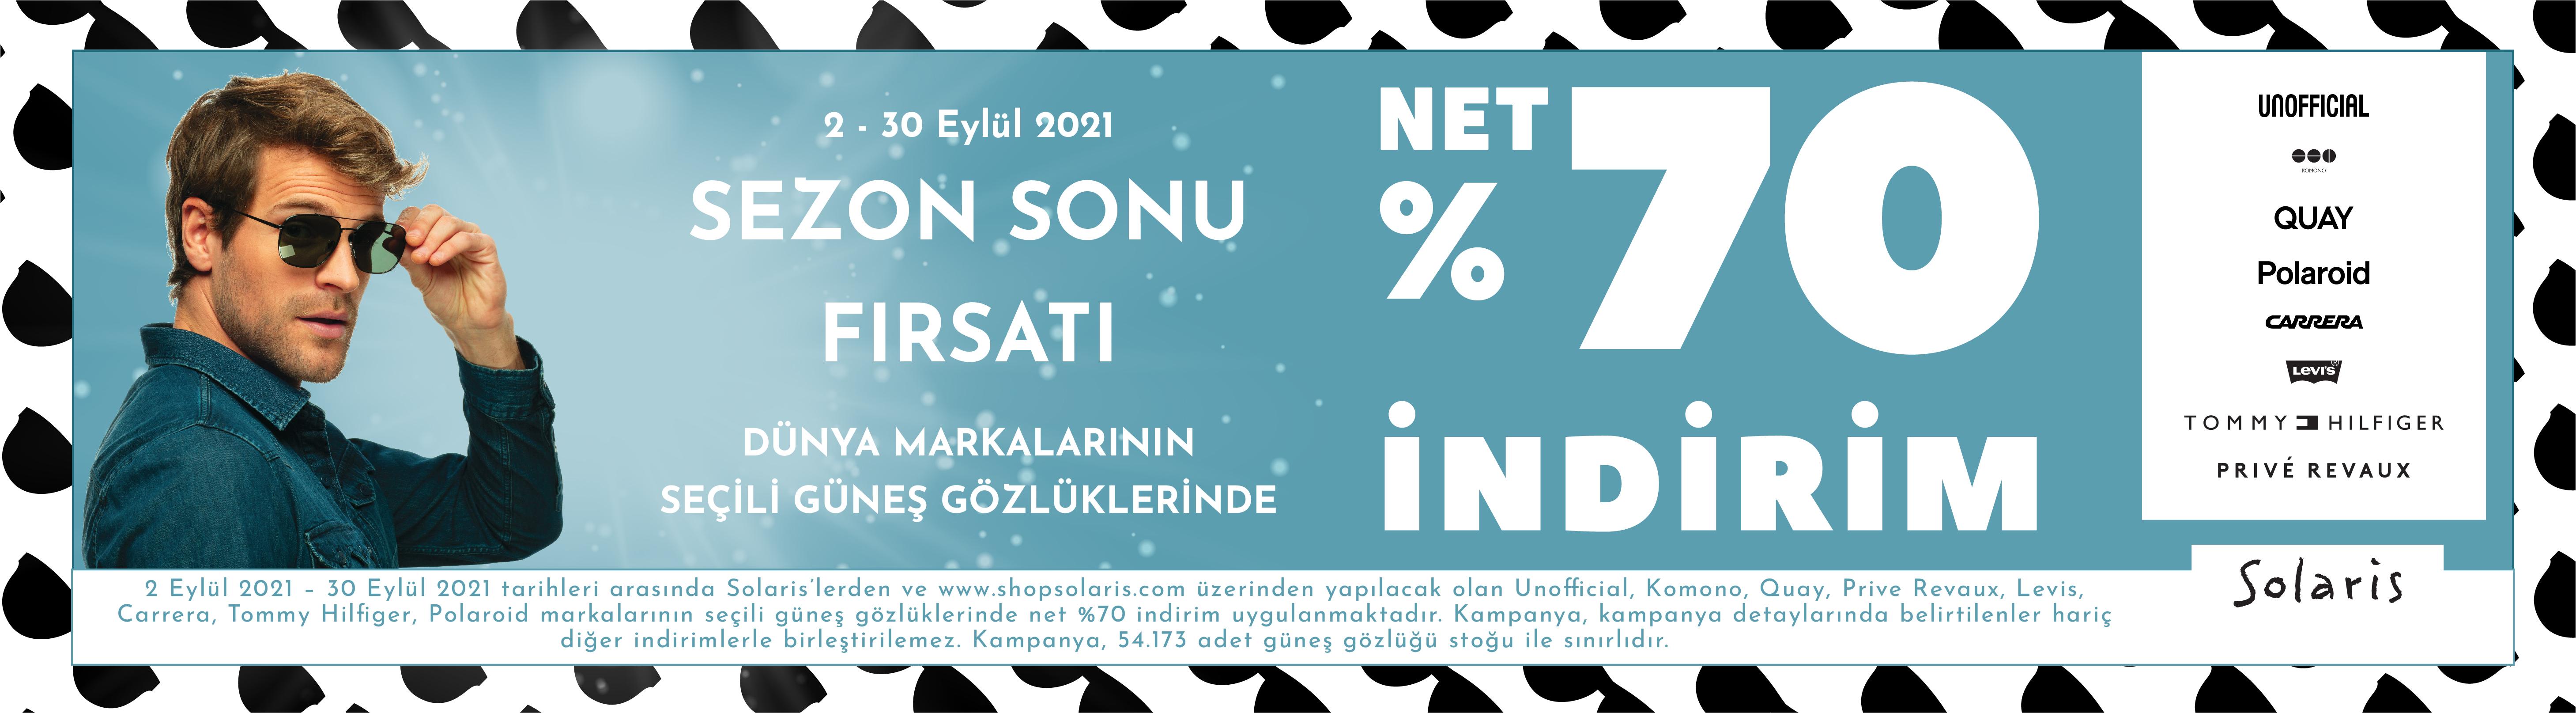 Solaris_Yaz_Sonu_Kampanyas_2800x774-01_3